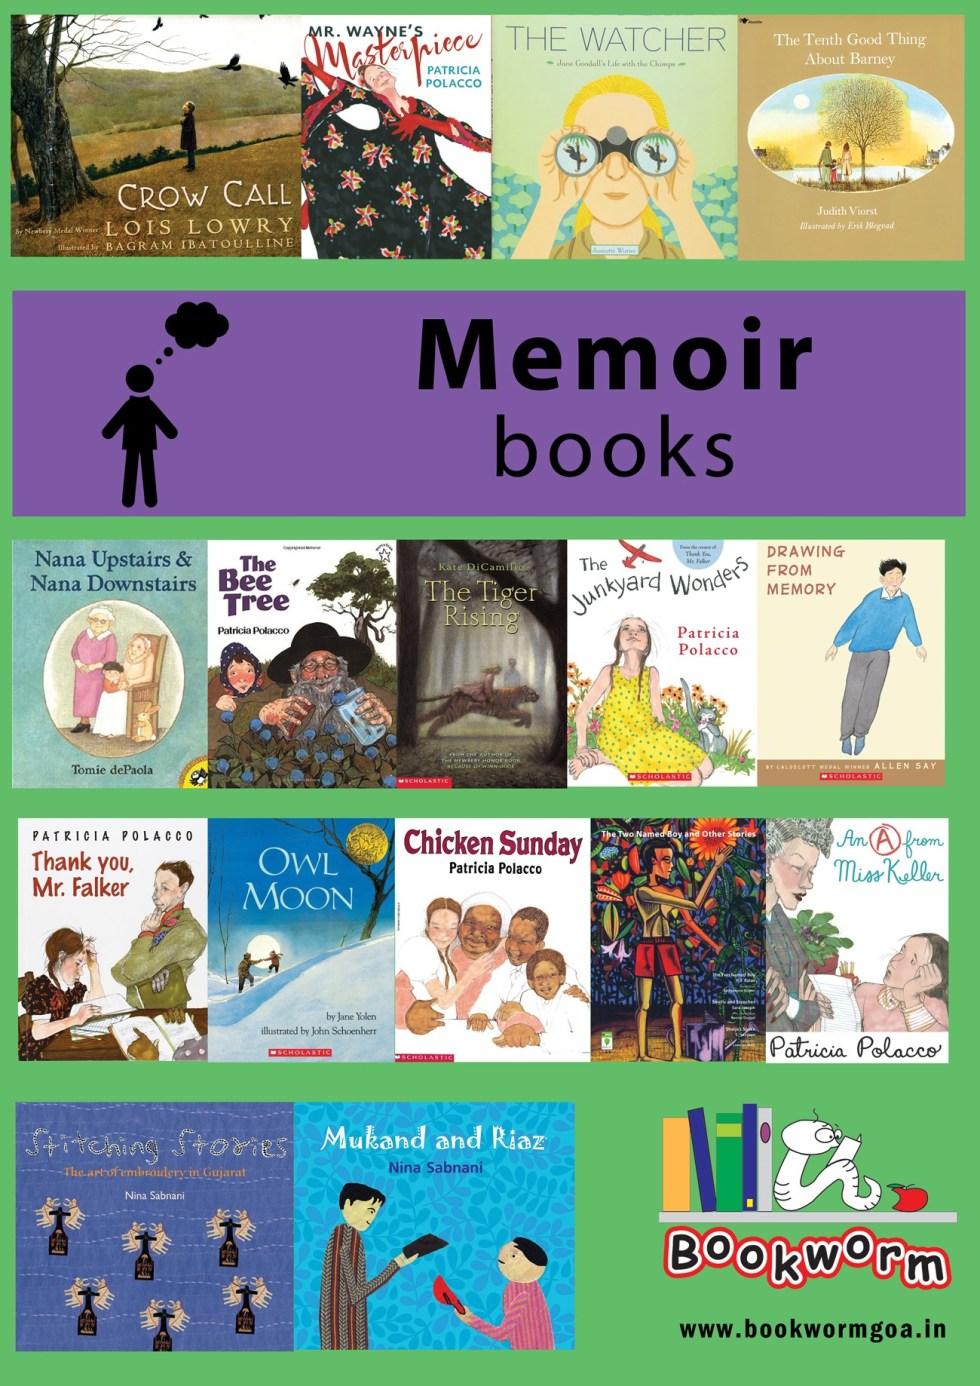 Books-on-memoir-poster